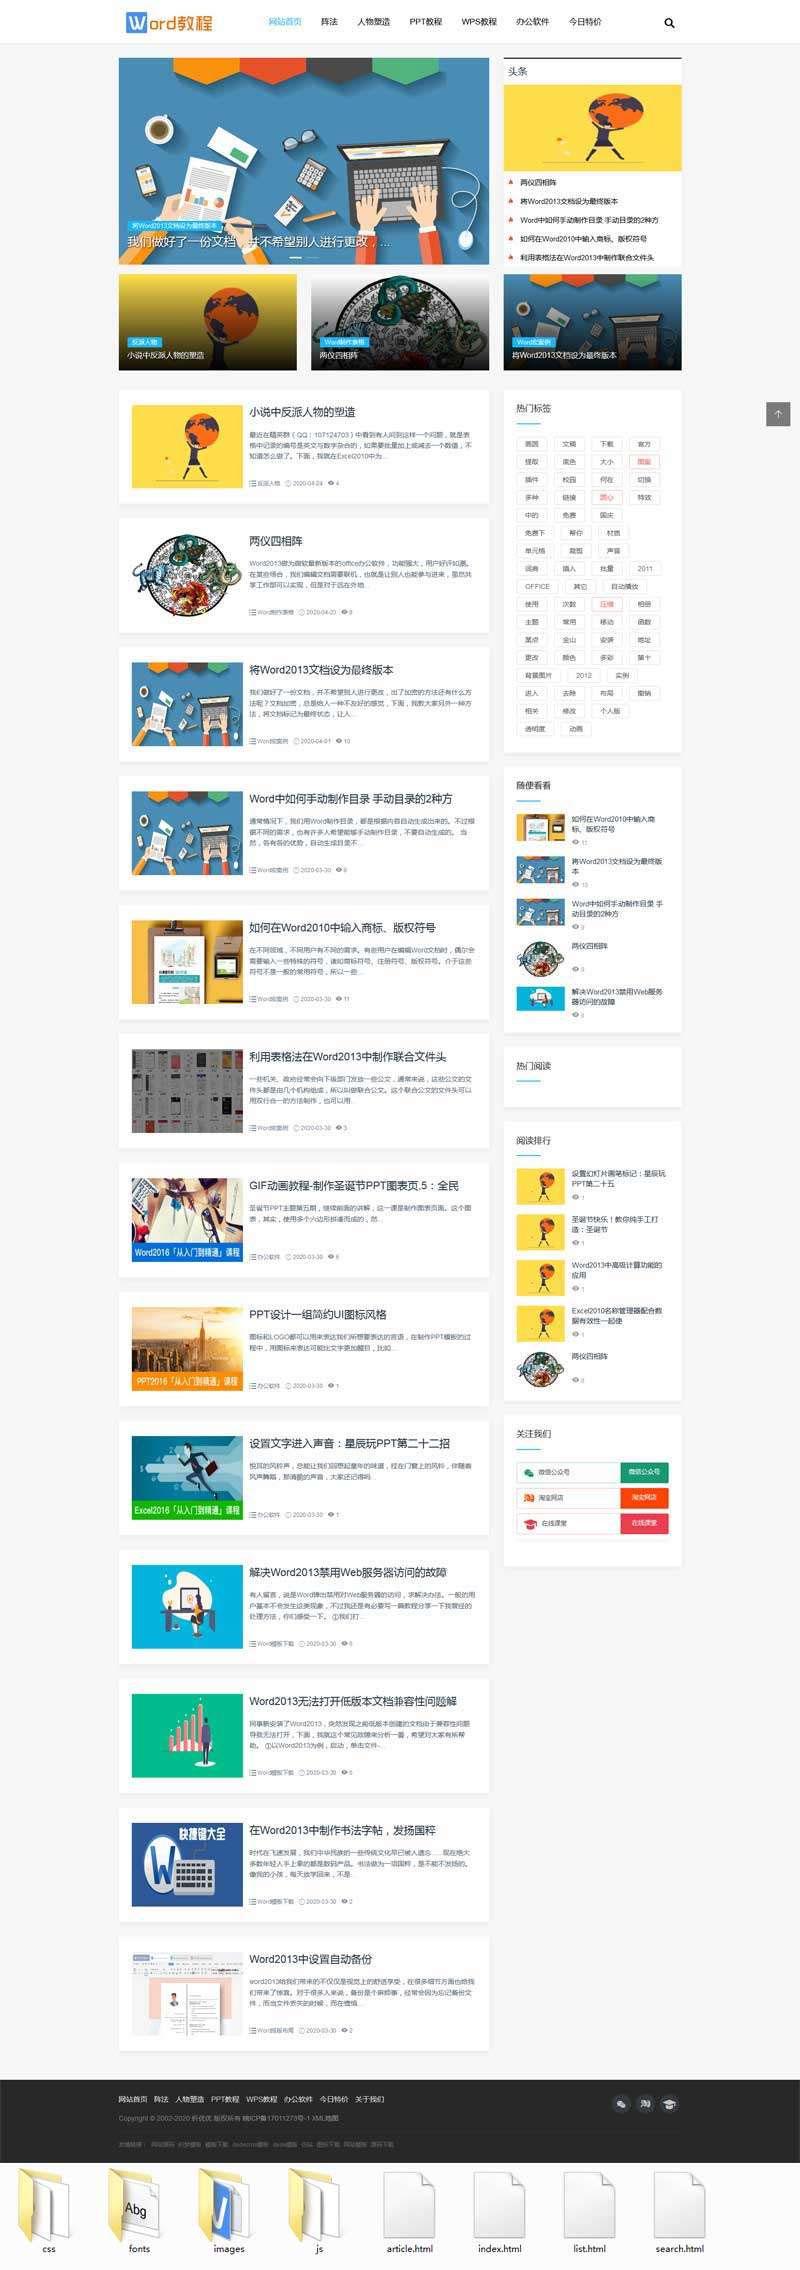 html5简洁响应式办公软件教程文章资讯博客网站模板